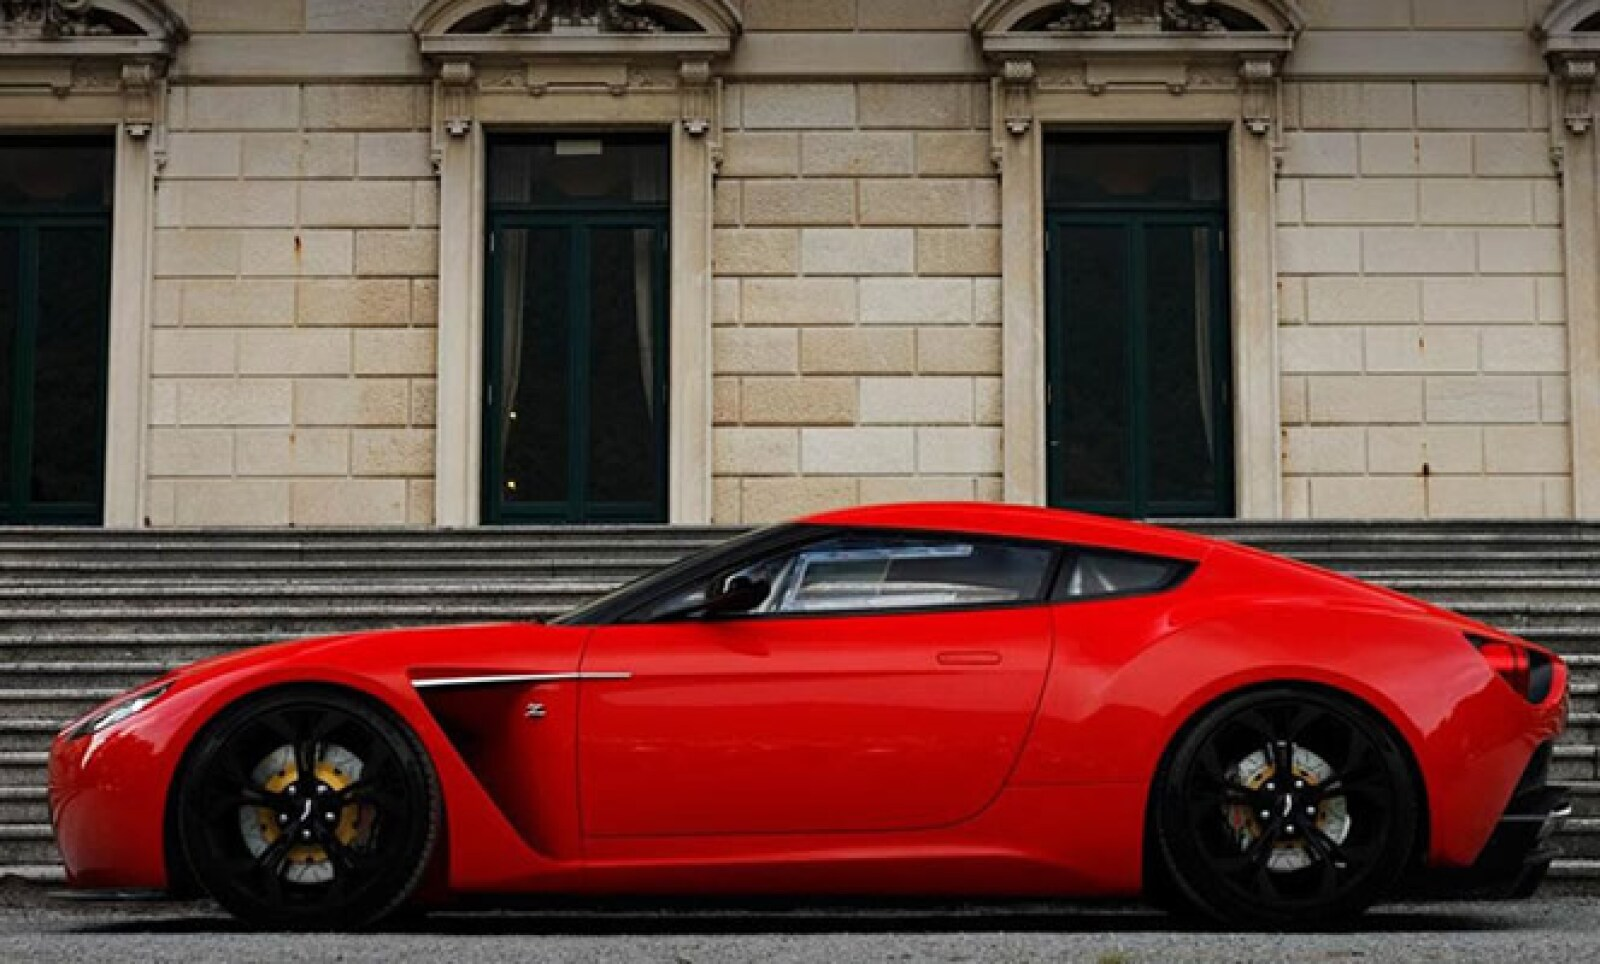 El modelo se comercializará a partir del último trimestre de 2012, con un precio de 330,000 libras esterlinas, algo así como 6.71 millones de pesos.